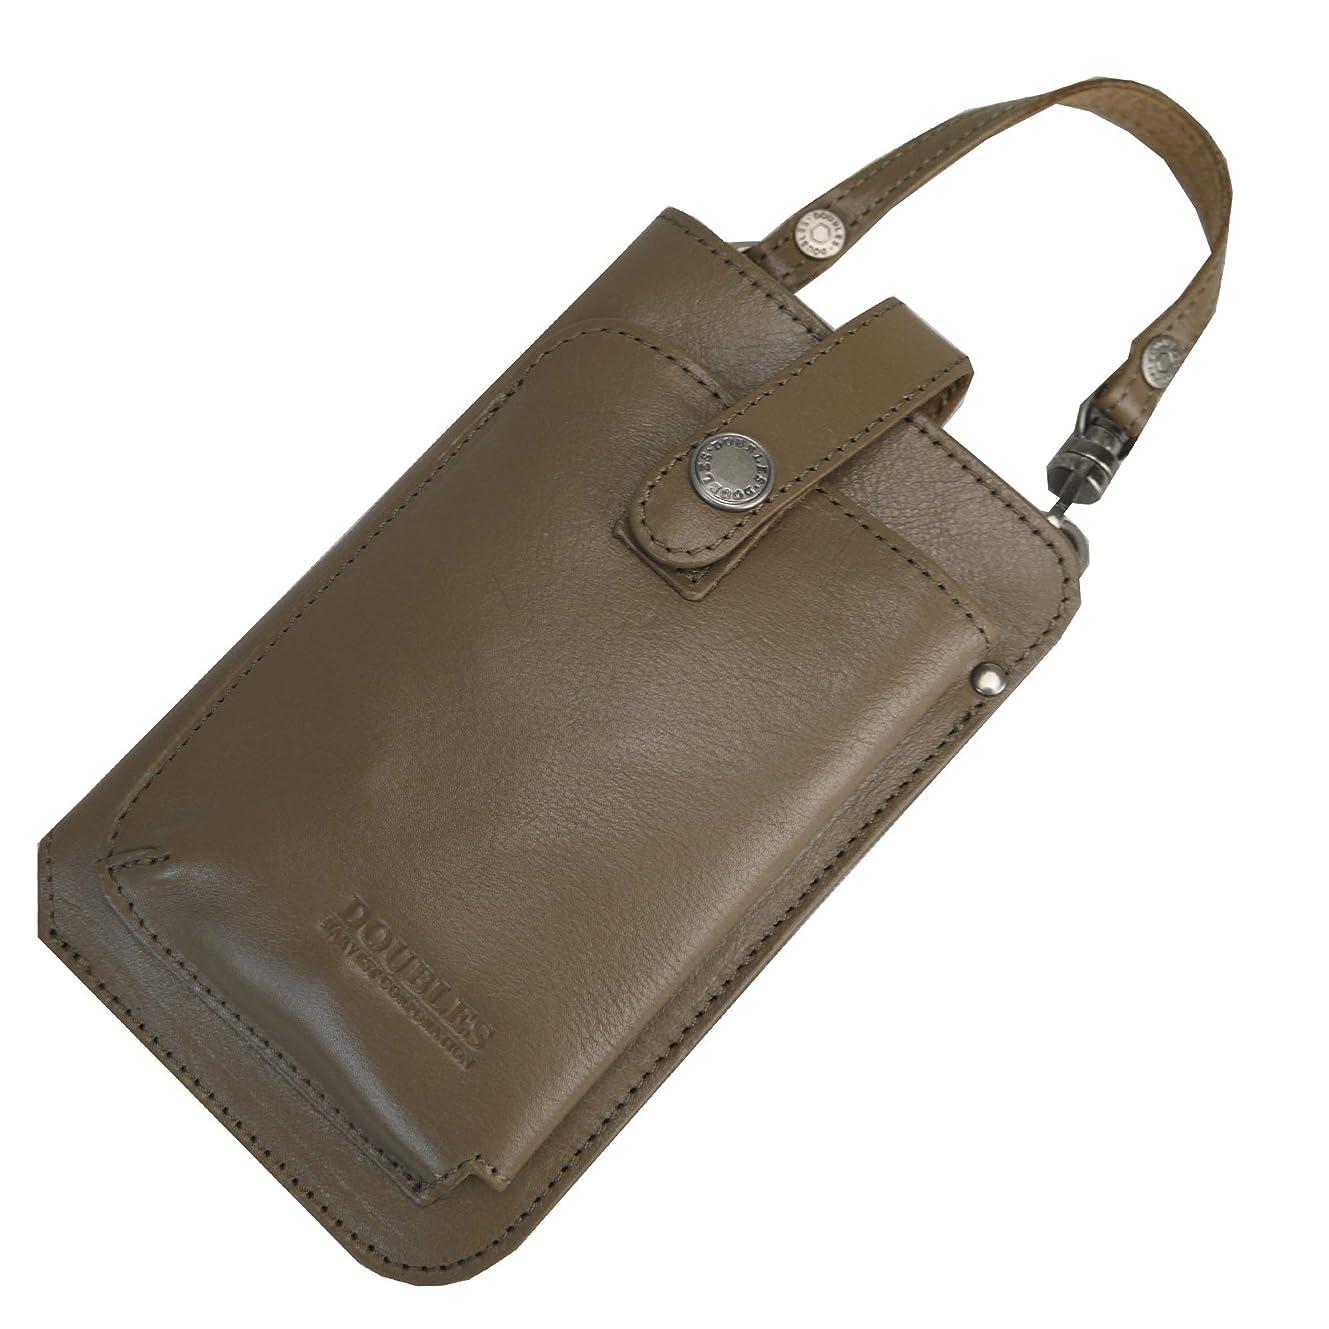 出席どんよりした槍[ダブルス] スマートフォン用ポーチ ウエストバッグ メンズ スマホポーチ ショルダー 2WAY 本革 JYS-7355